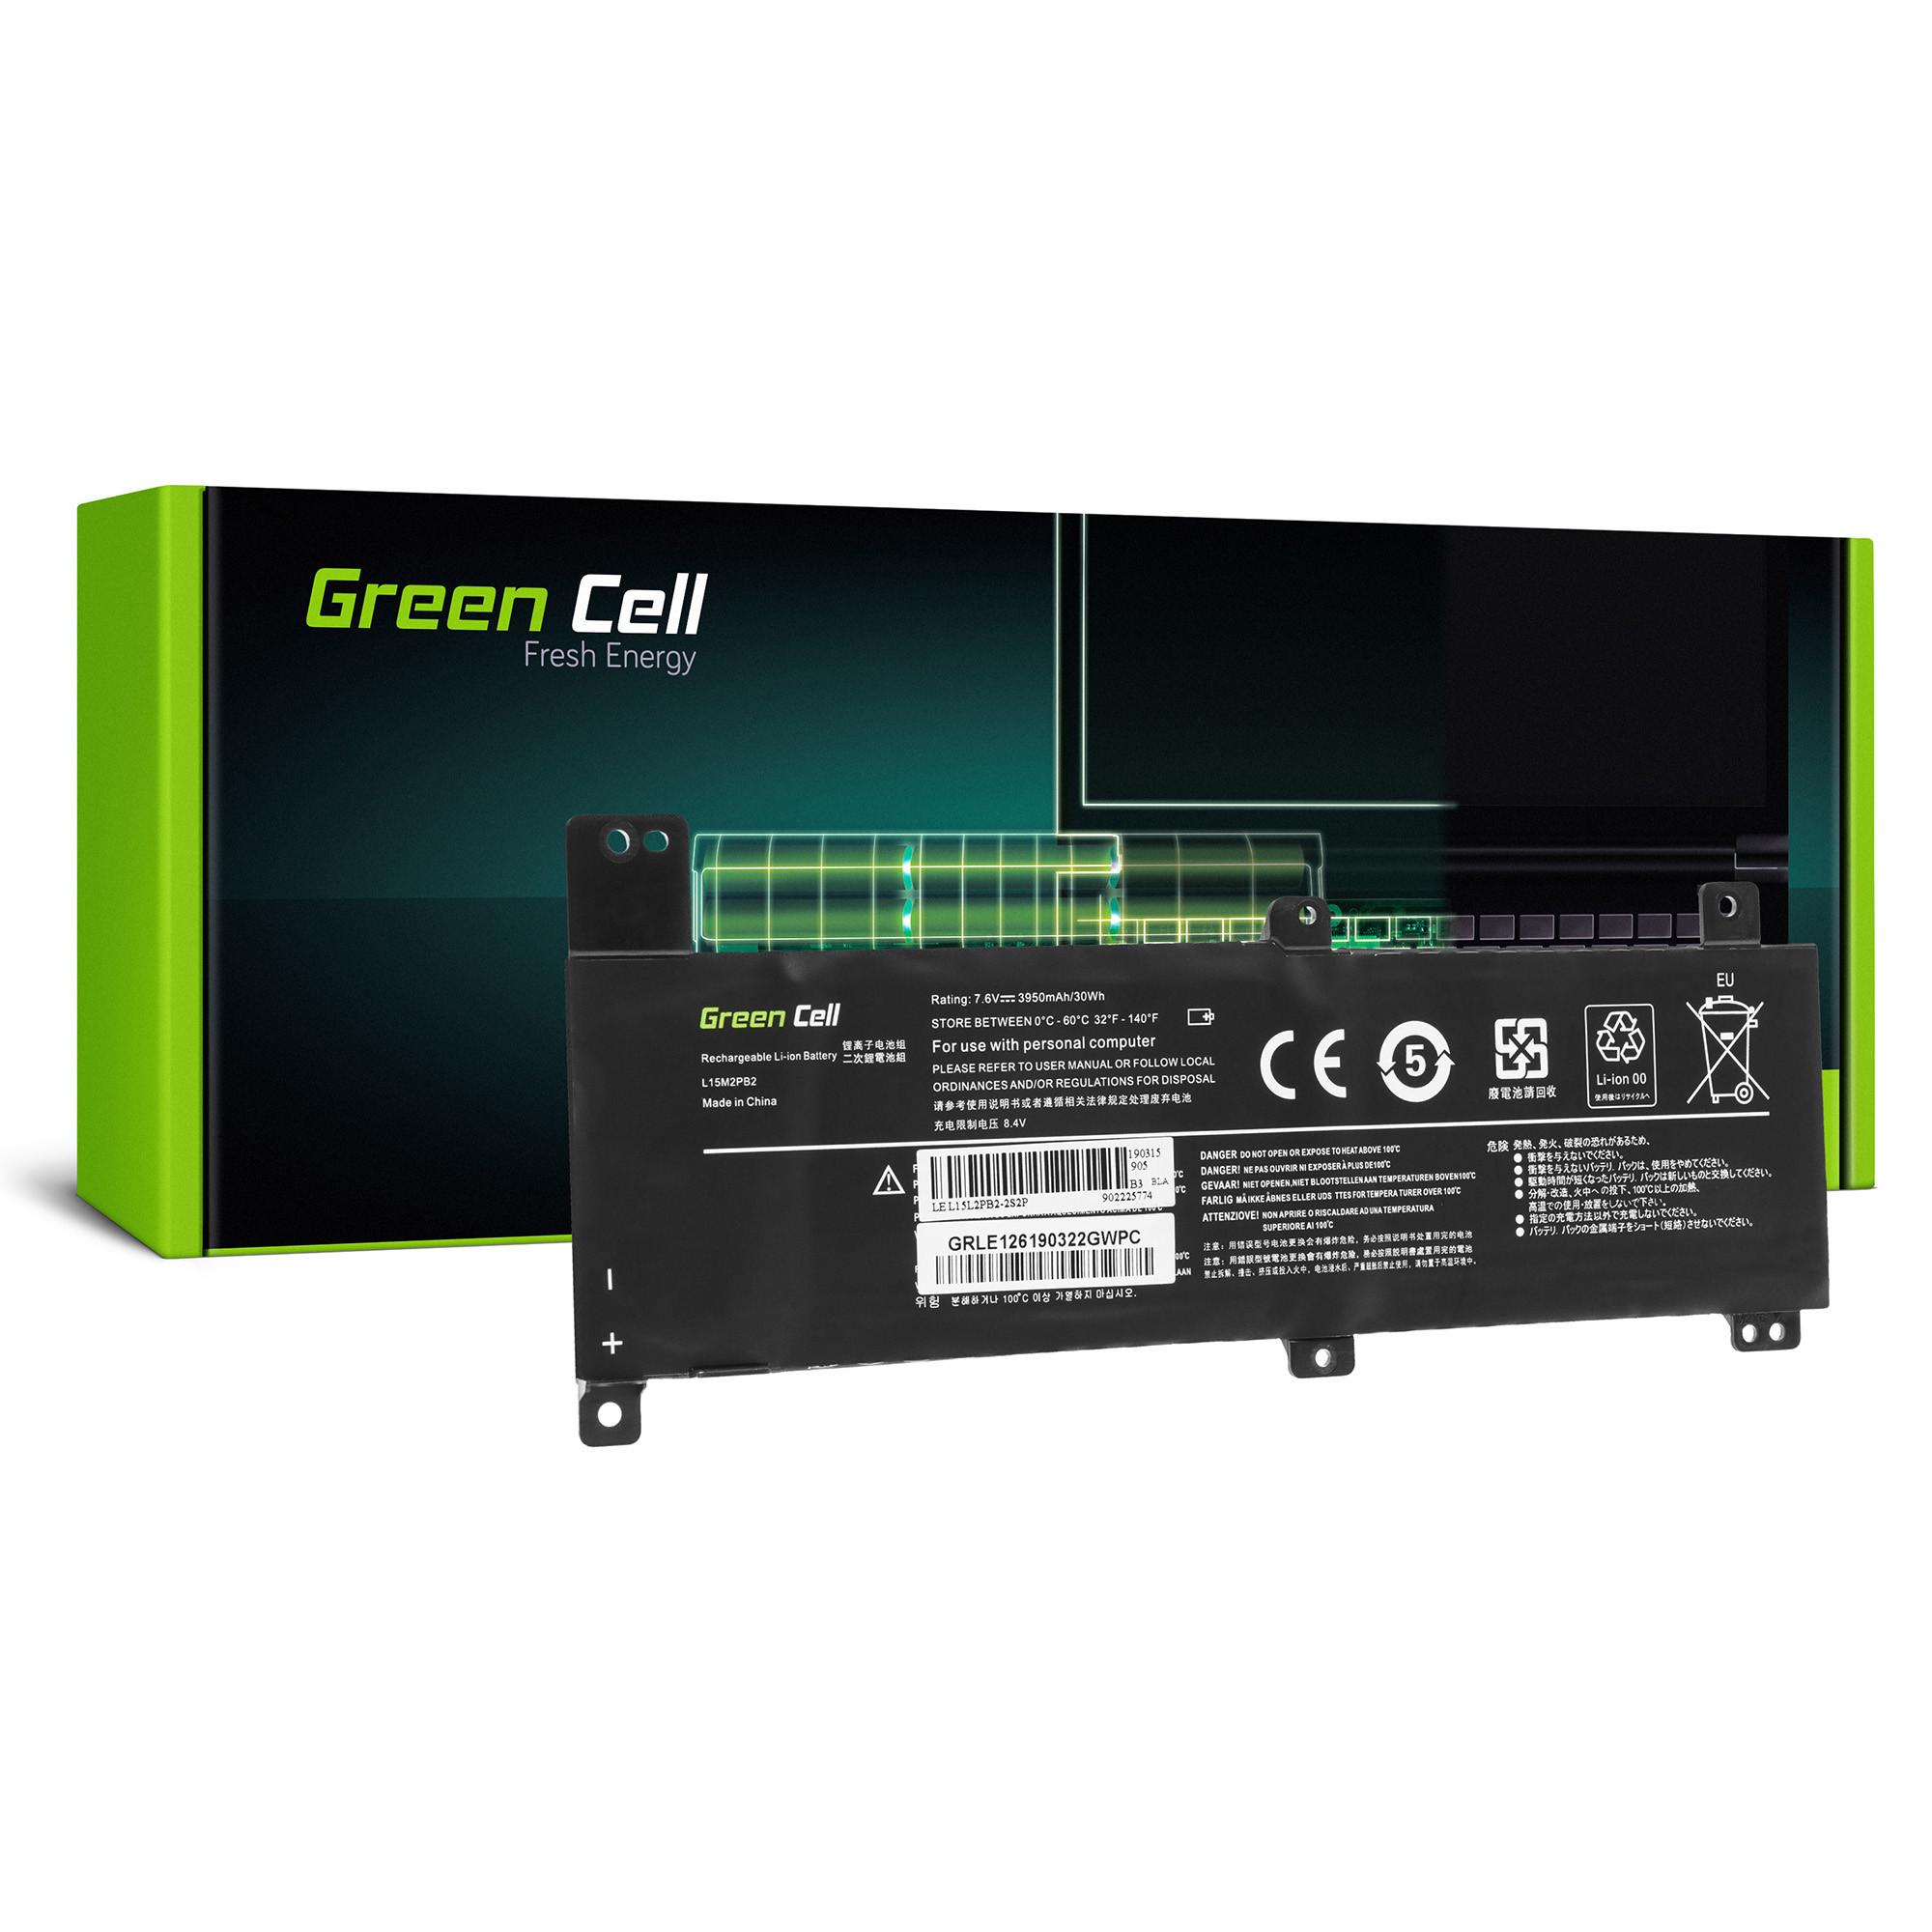 Green Cell LE126 Baterie Lenovo L15C2PB2 L15C2PB4 L15L2PB2 L15M2PB2 Lenovo IdeaPad 310-14IAP 310-14IKB 310-14ISK 3950mAh Li-Pol – neoriginální